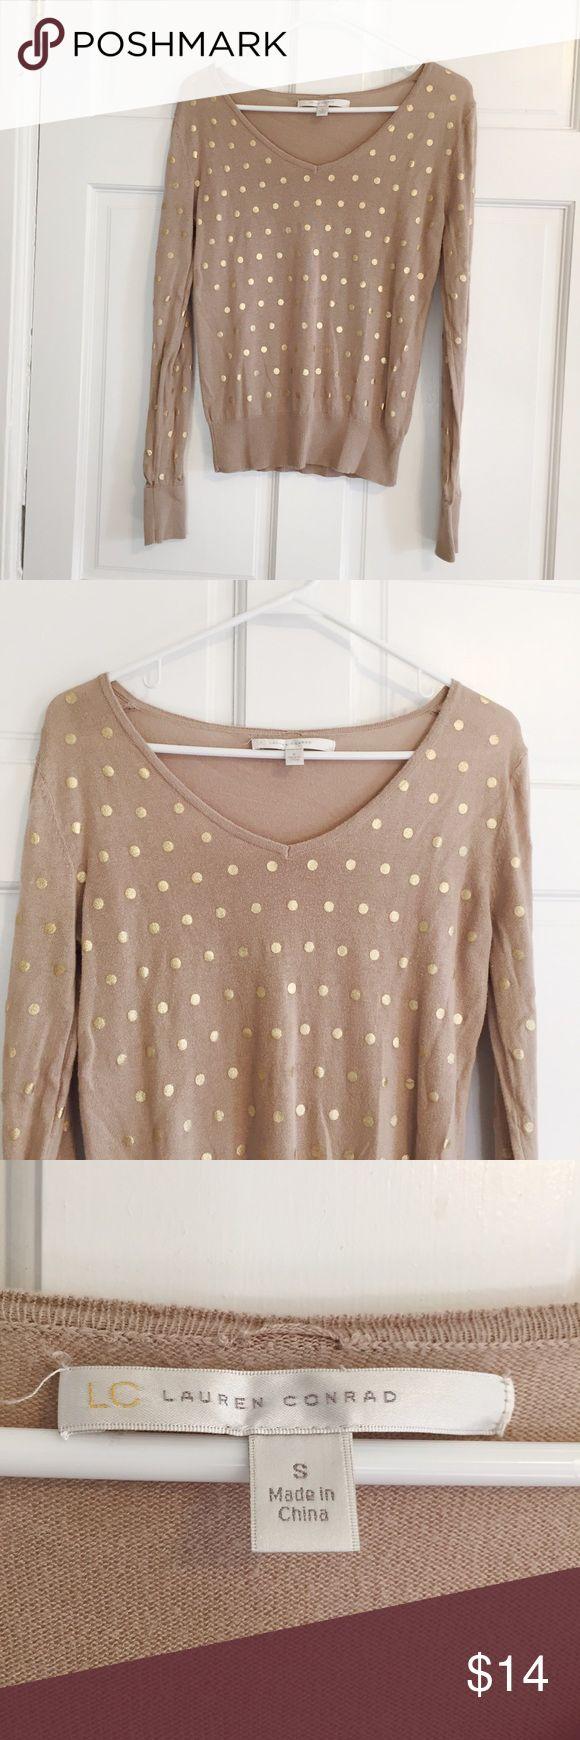 Lauren Conrad Gold Polka Dot Long Sleeve Top Tan with gold polka dots LC Lauren Conrad Tops